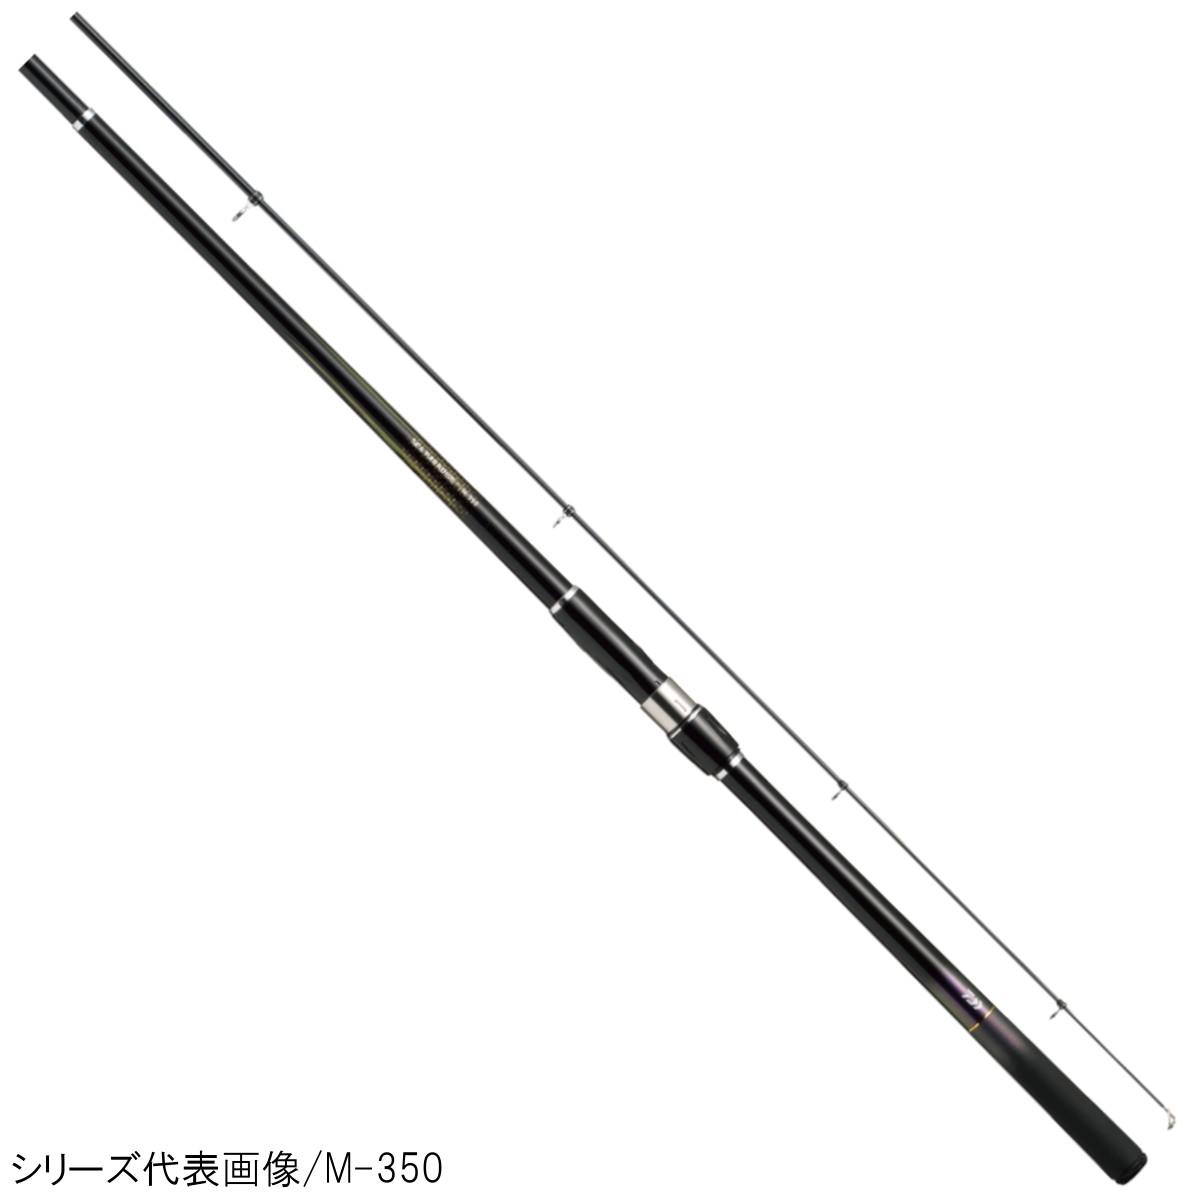 ダイワ シーパラダイス S-350・E